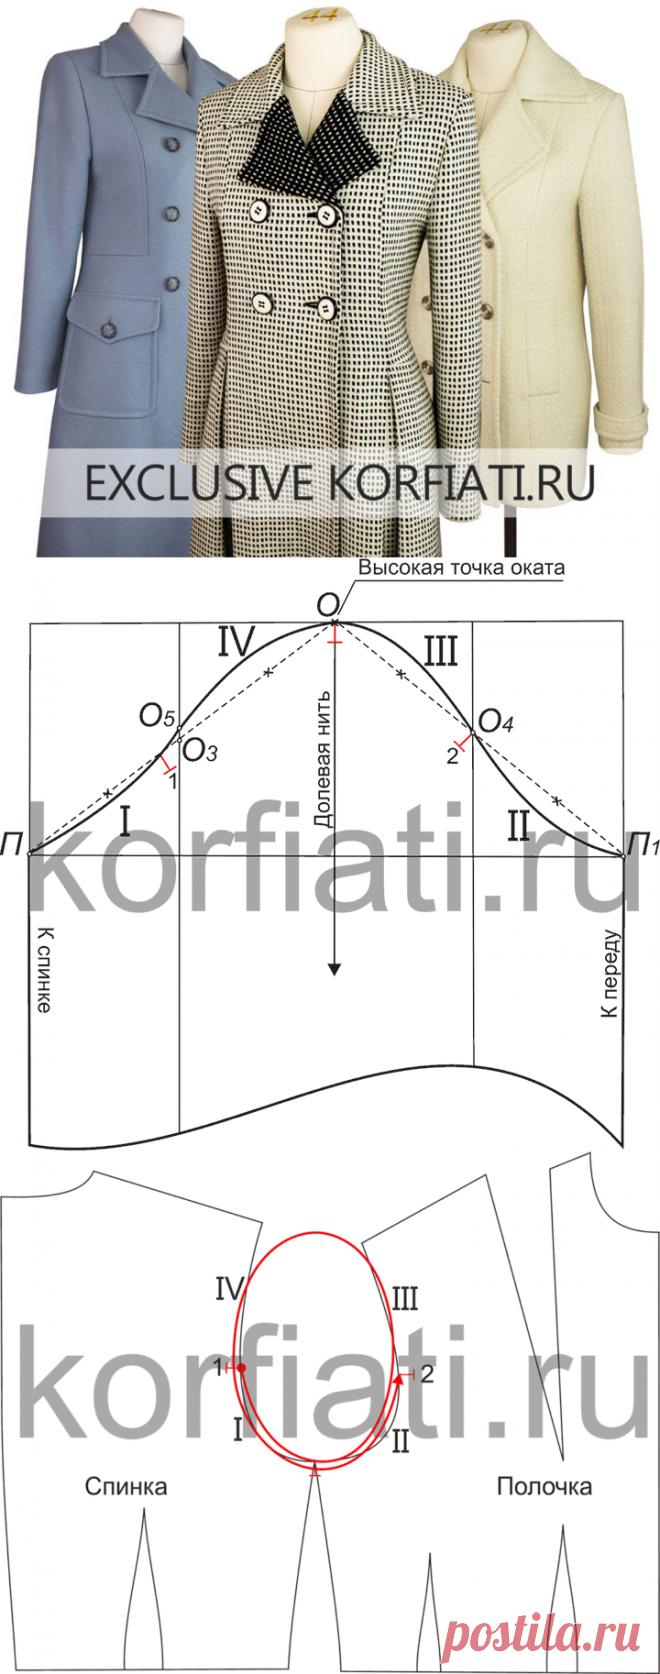 Контрольные метки по окату рукава и пройме - советы А. Корфиати